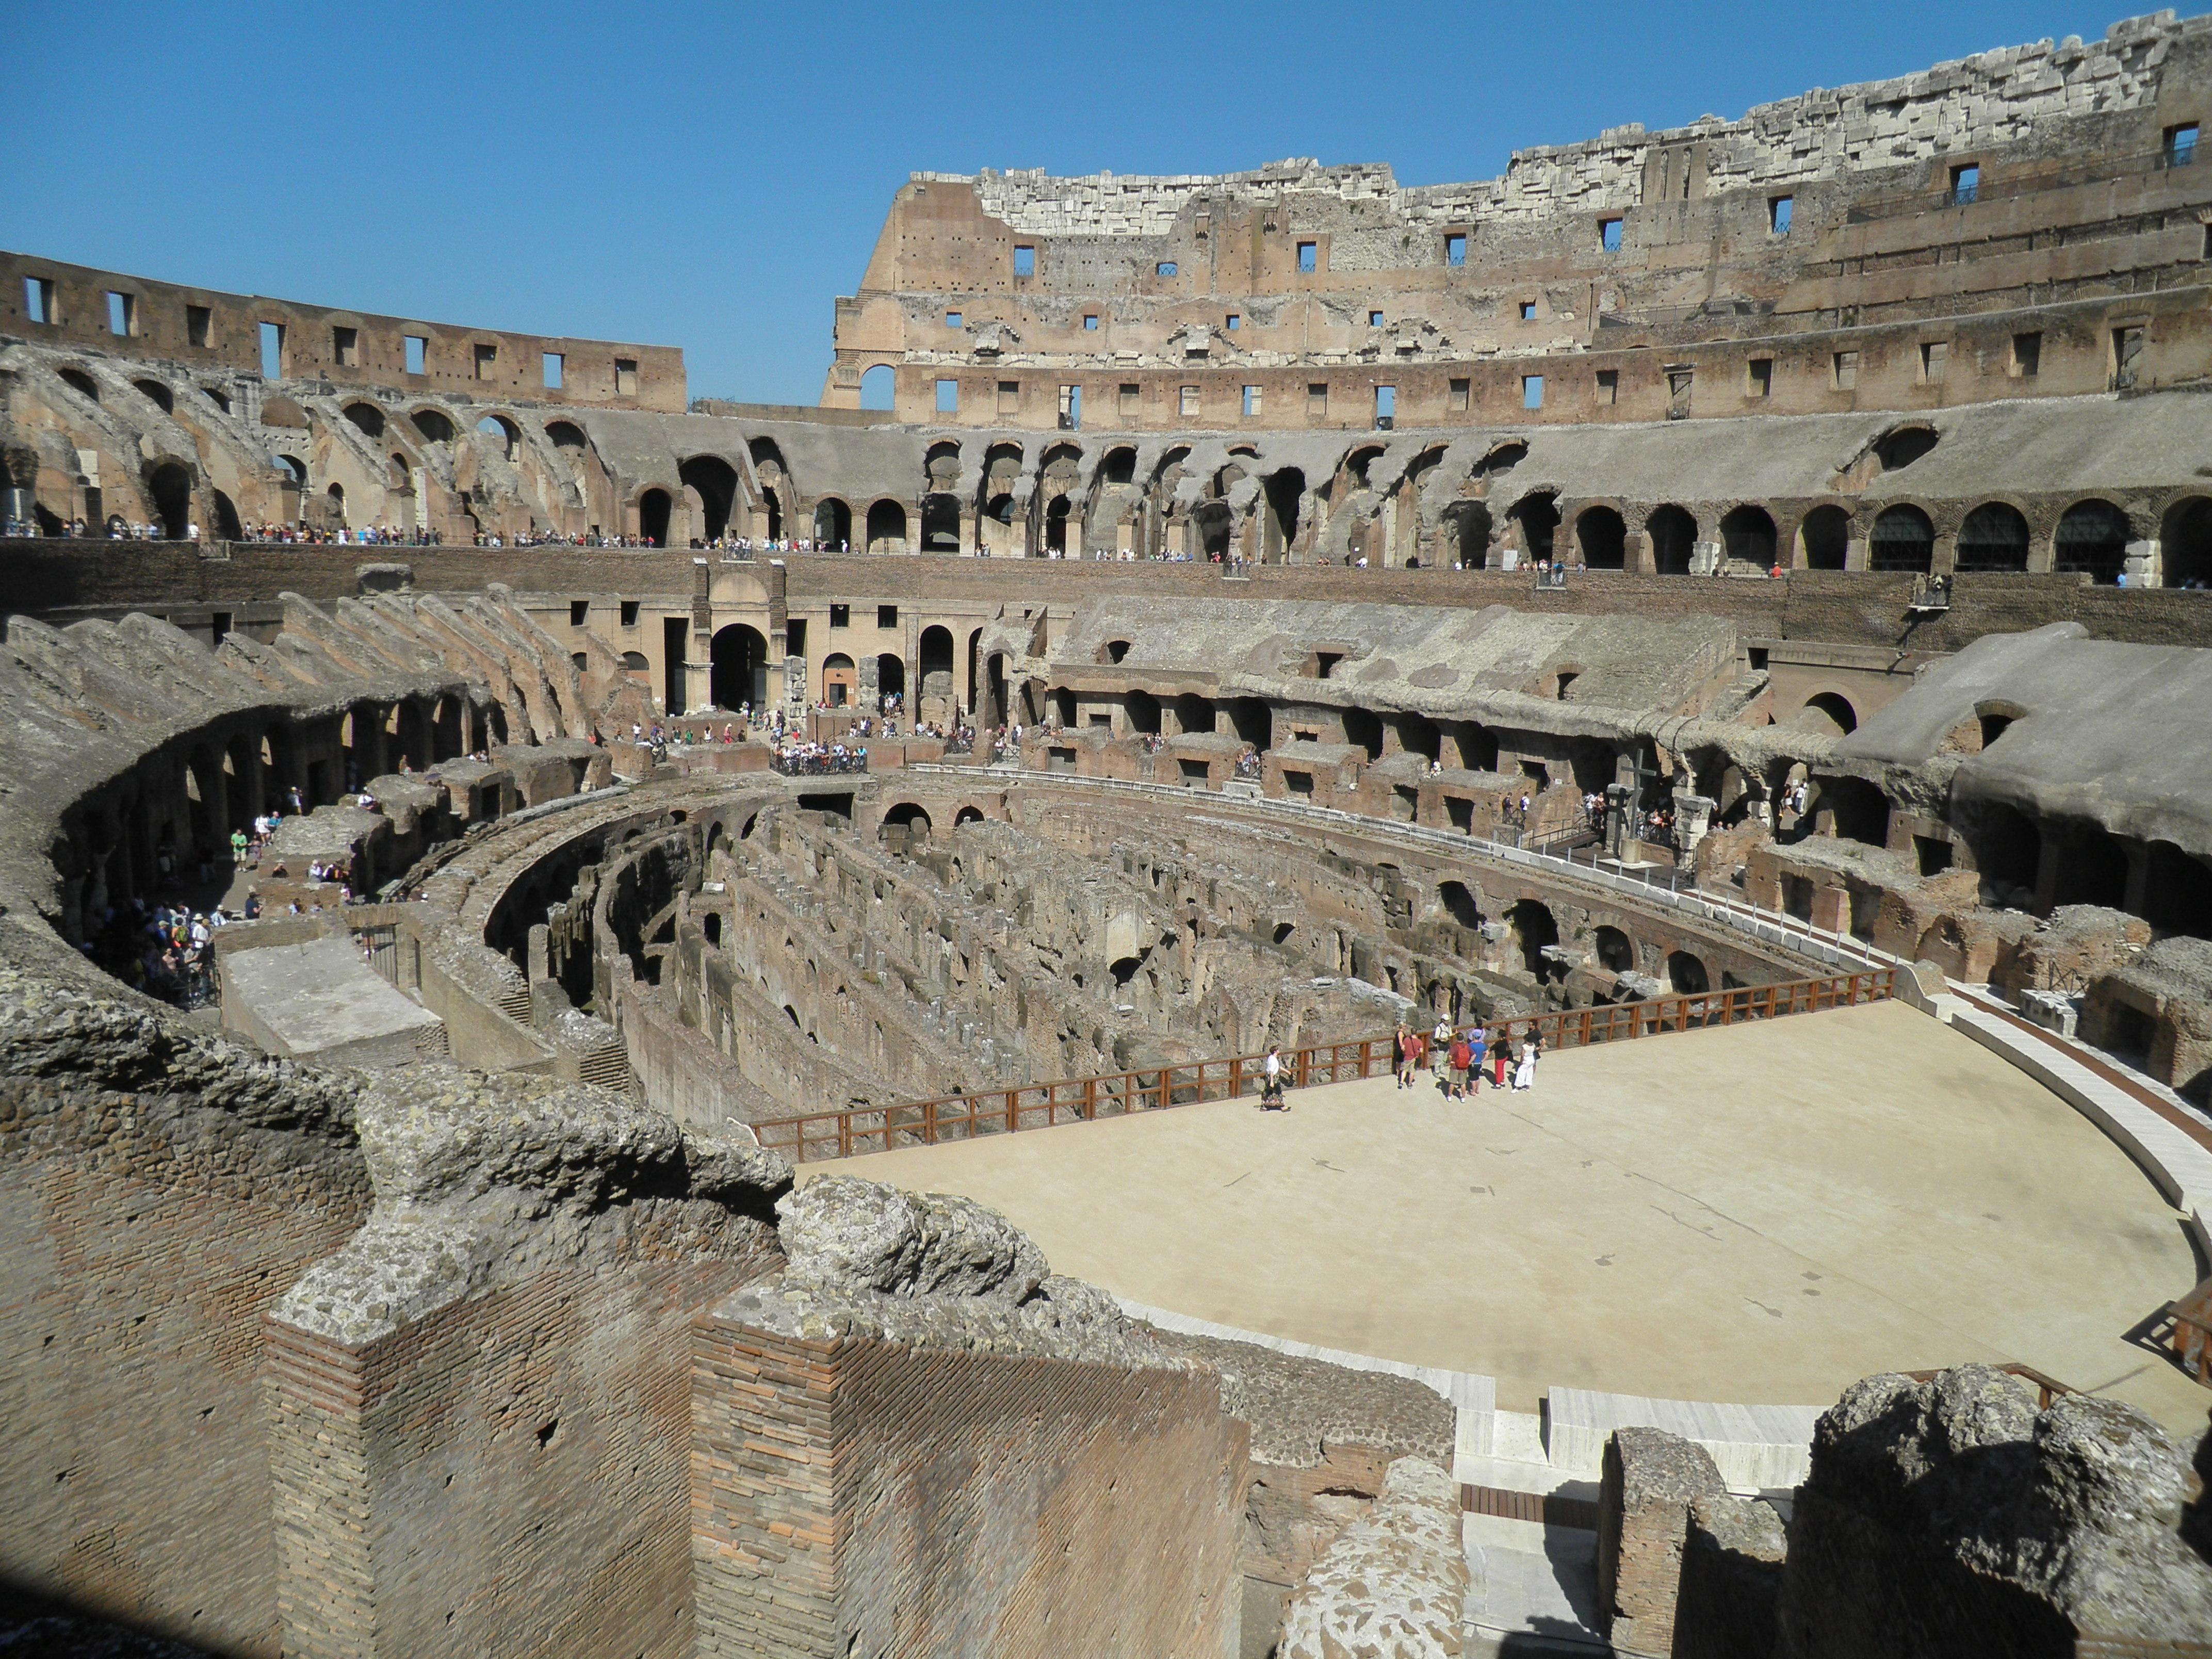 Fileen Casa De Los Gladiadores Coliseo Romano Italiajpg